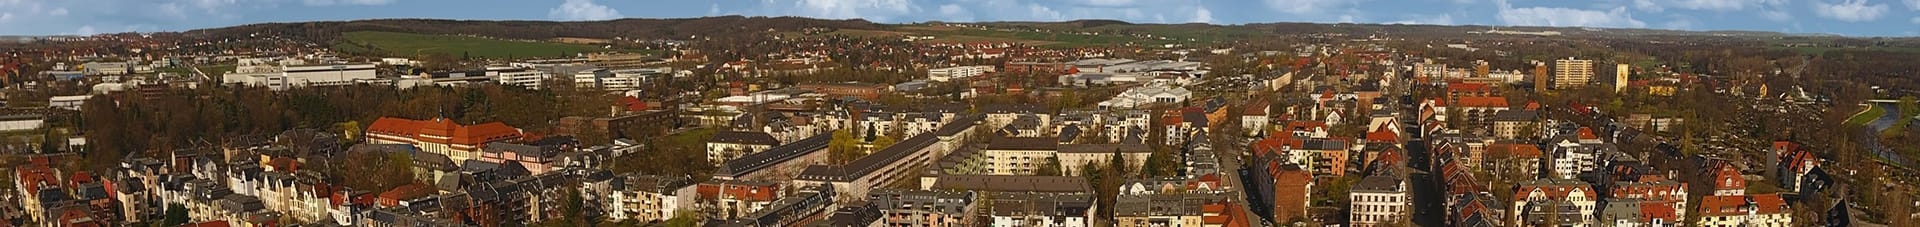 Schütz Zahntechnik in Zwickau.